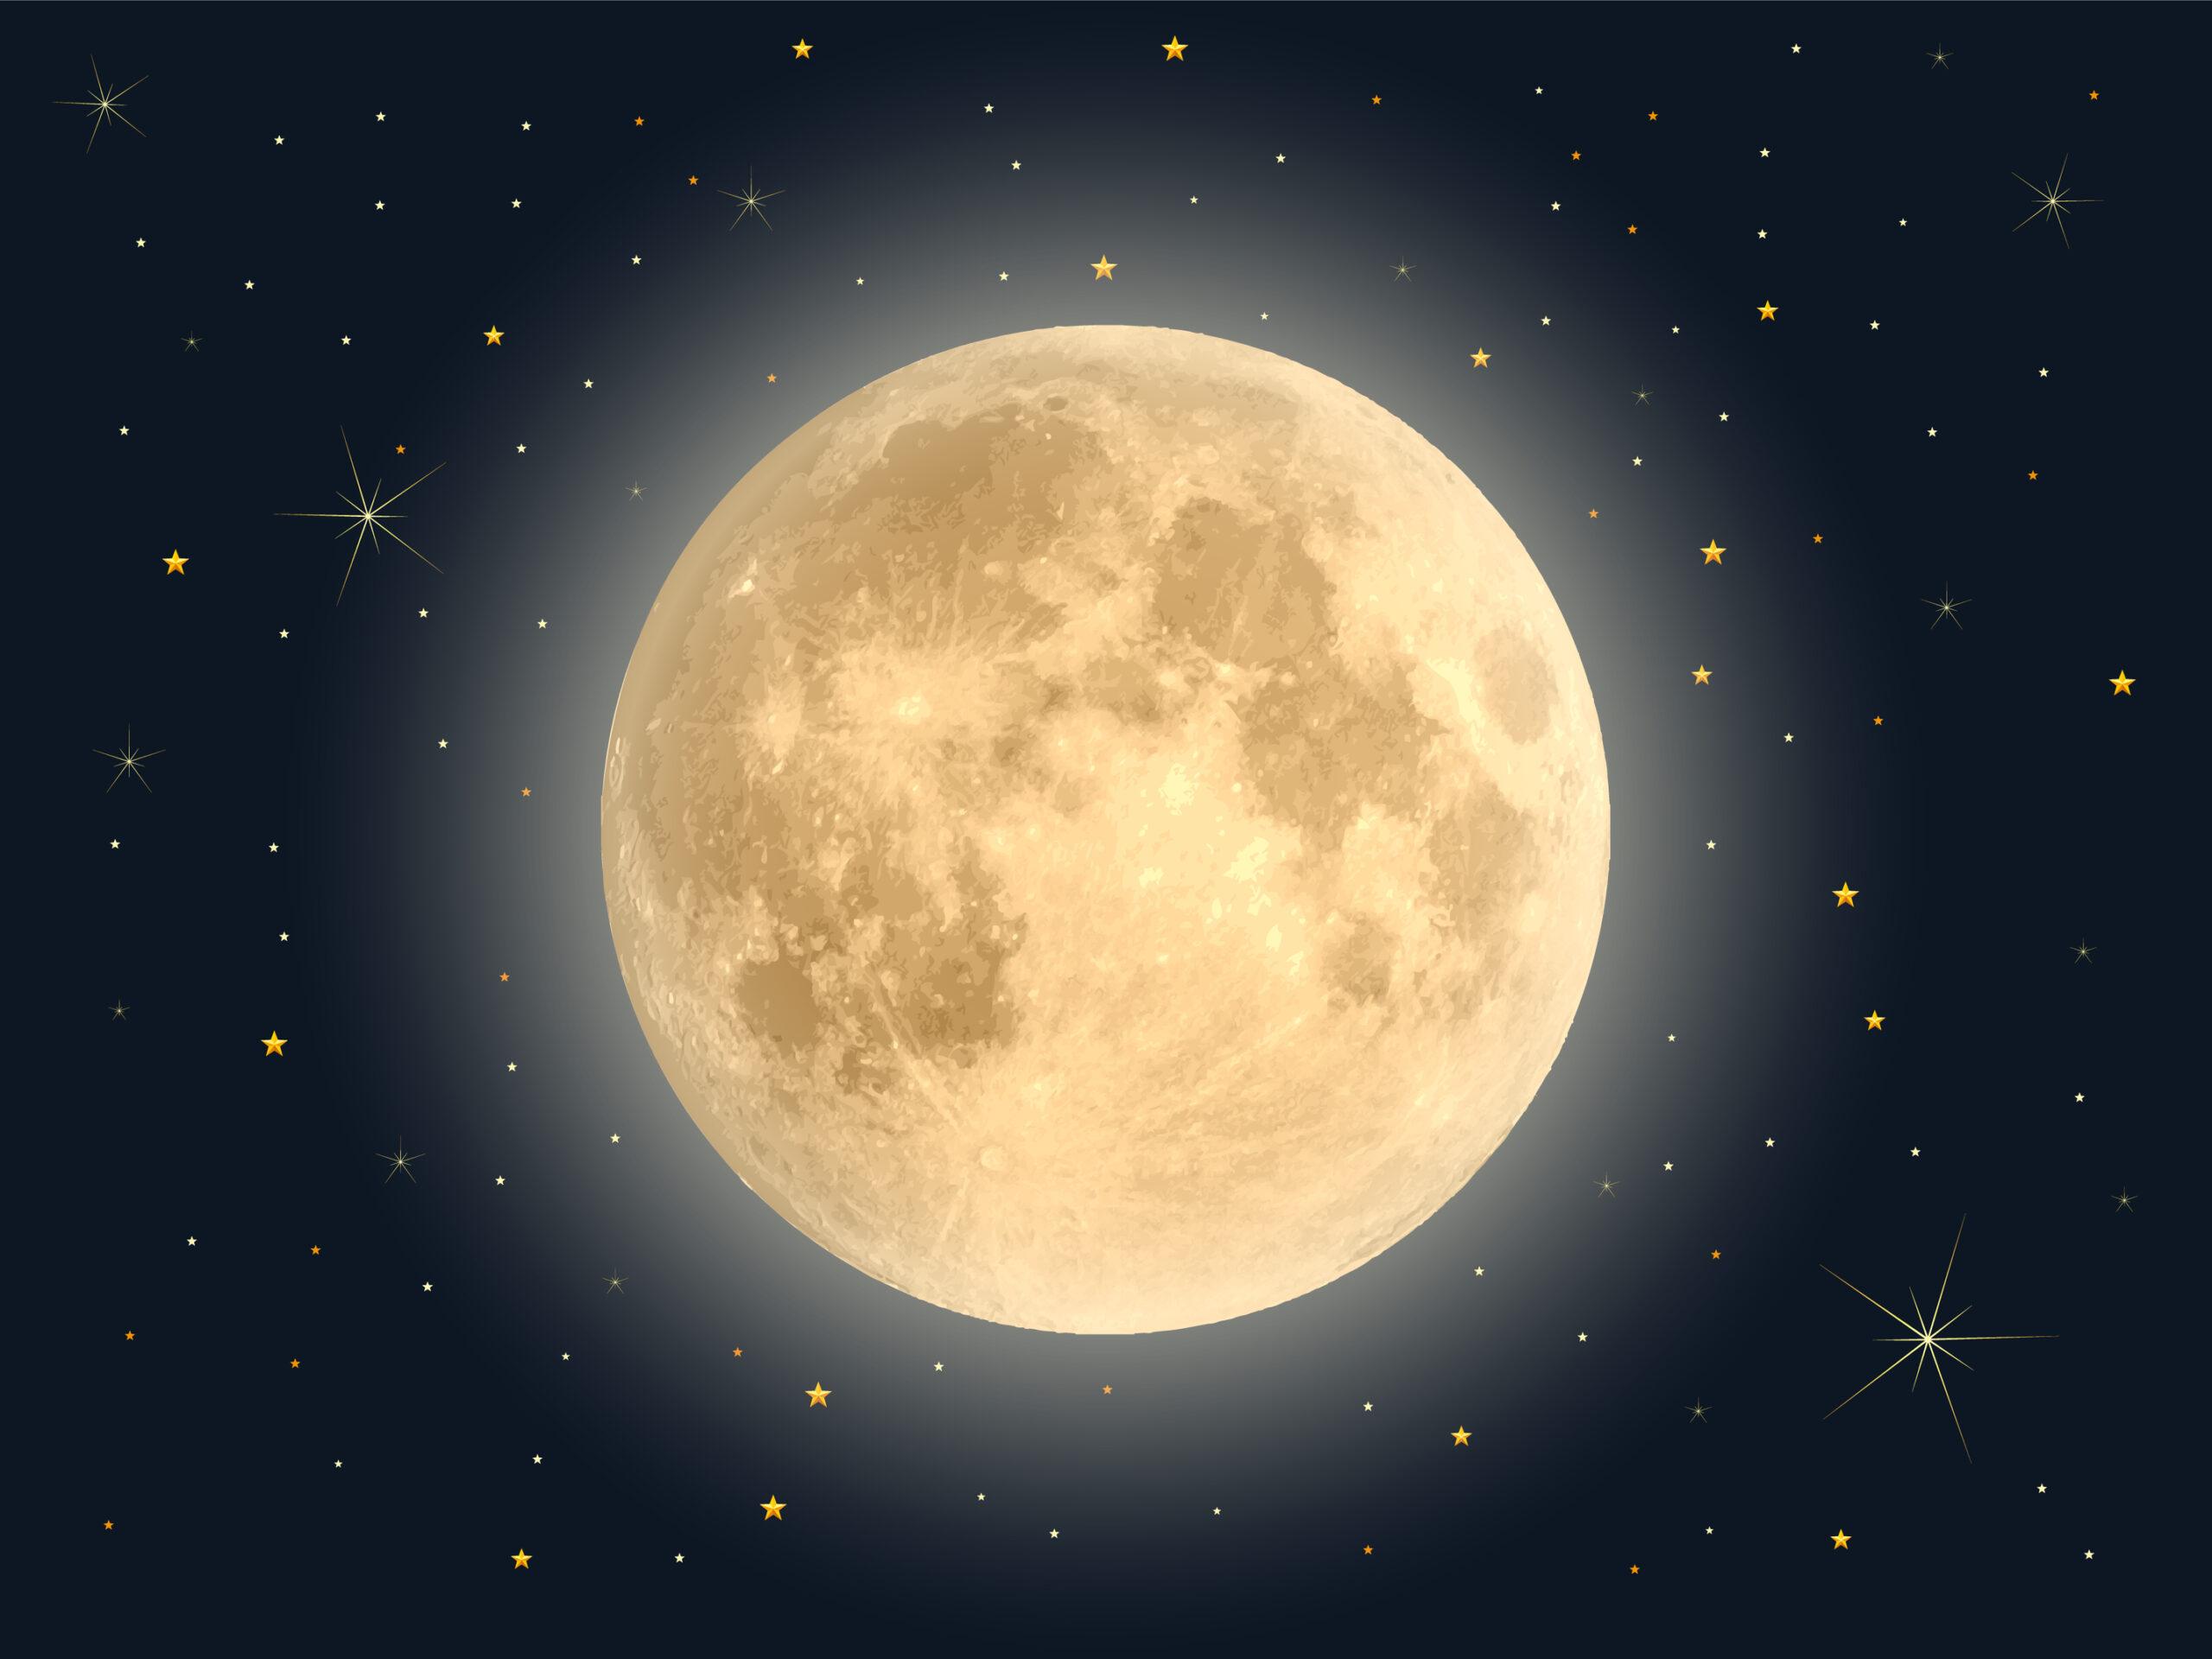 満月の名前